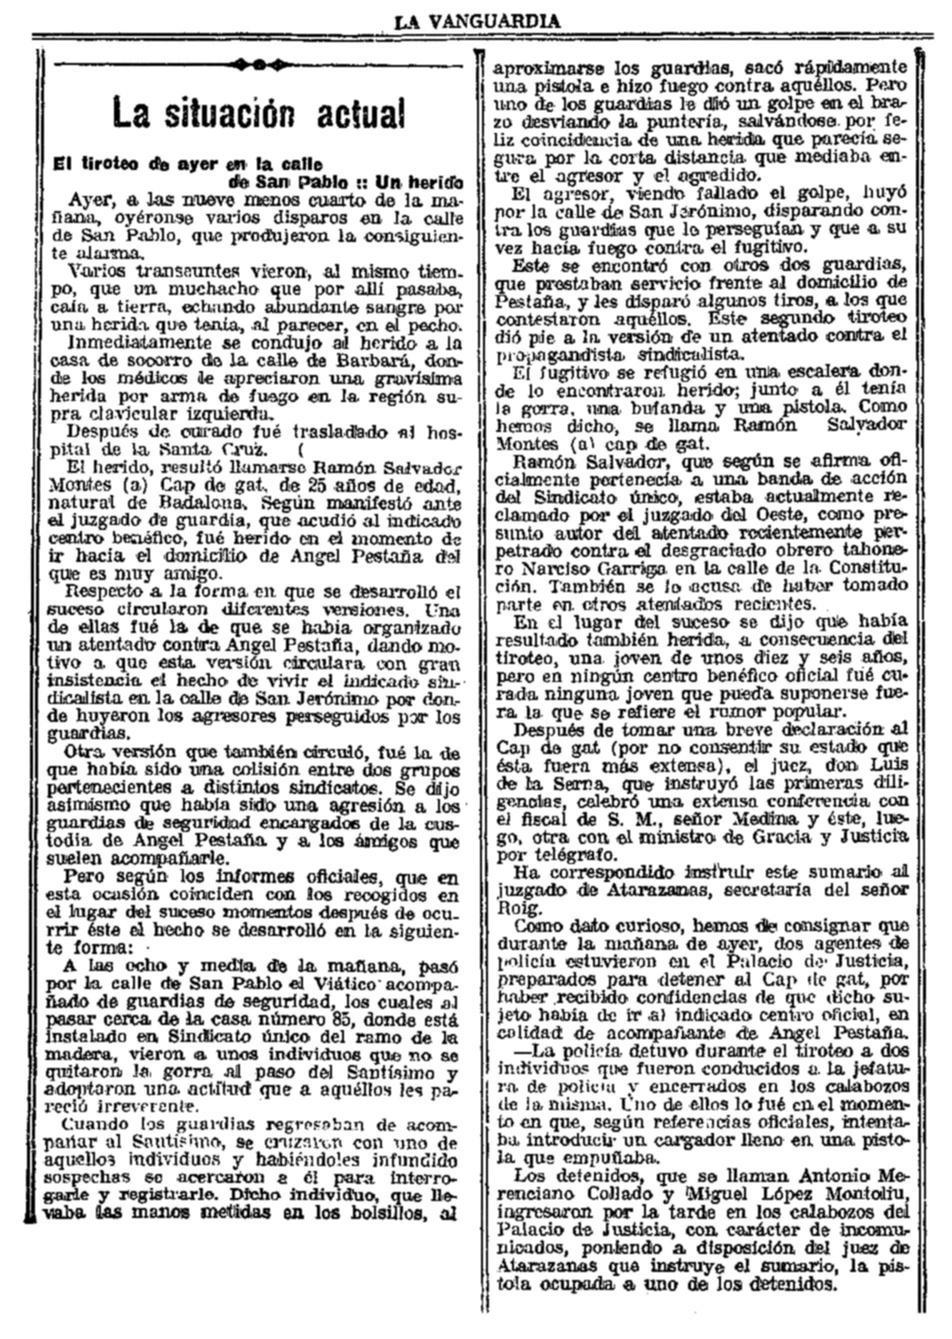 """Notícia del tiroteig publicada en """"La Vanguardia"""" del 15 d'abril de 1923"""